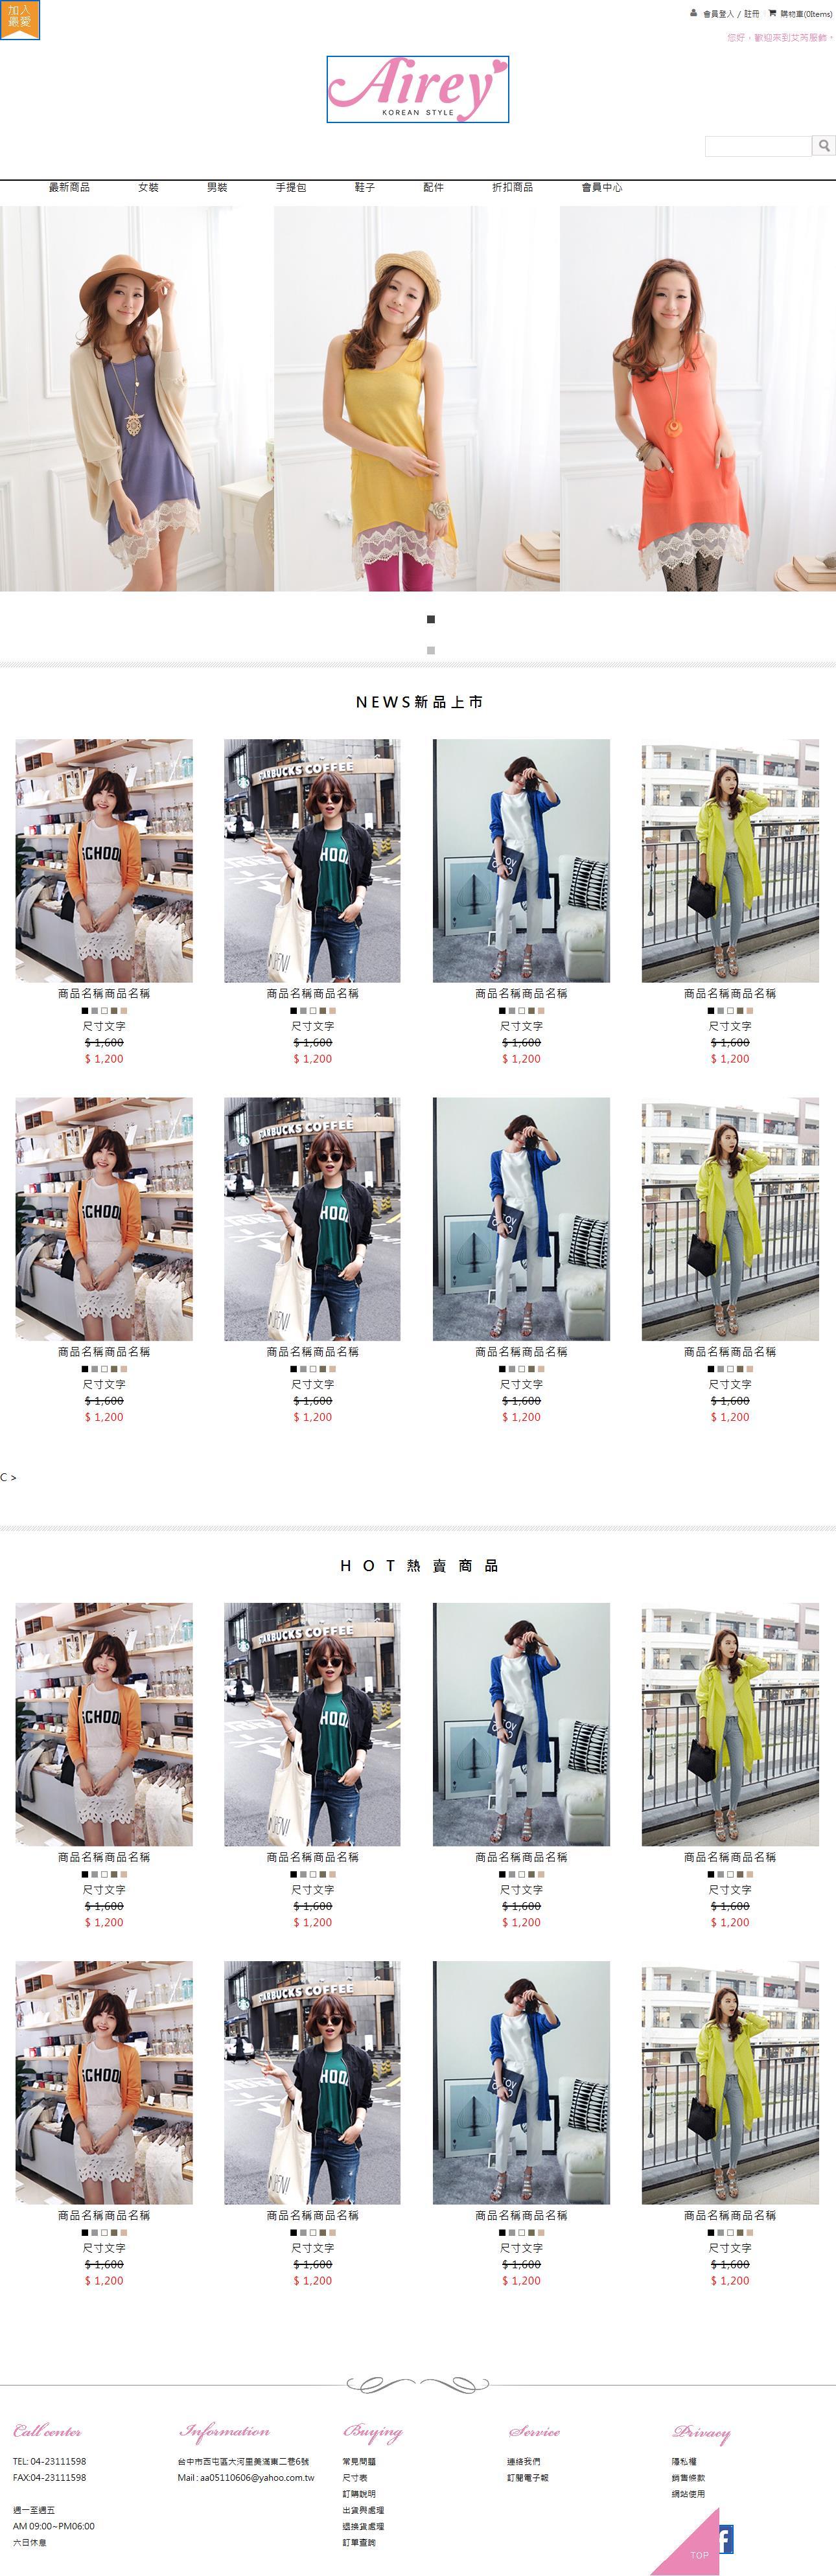 艾芮韓裝精品-官方網頁設計  還未上線